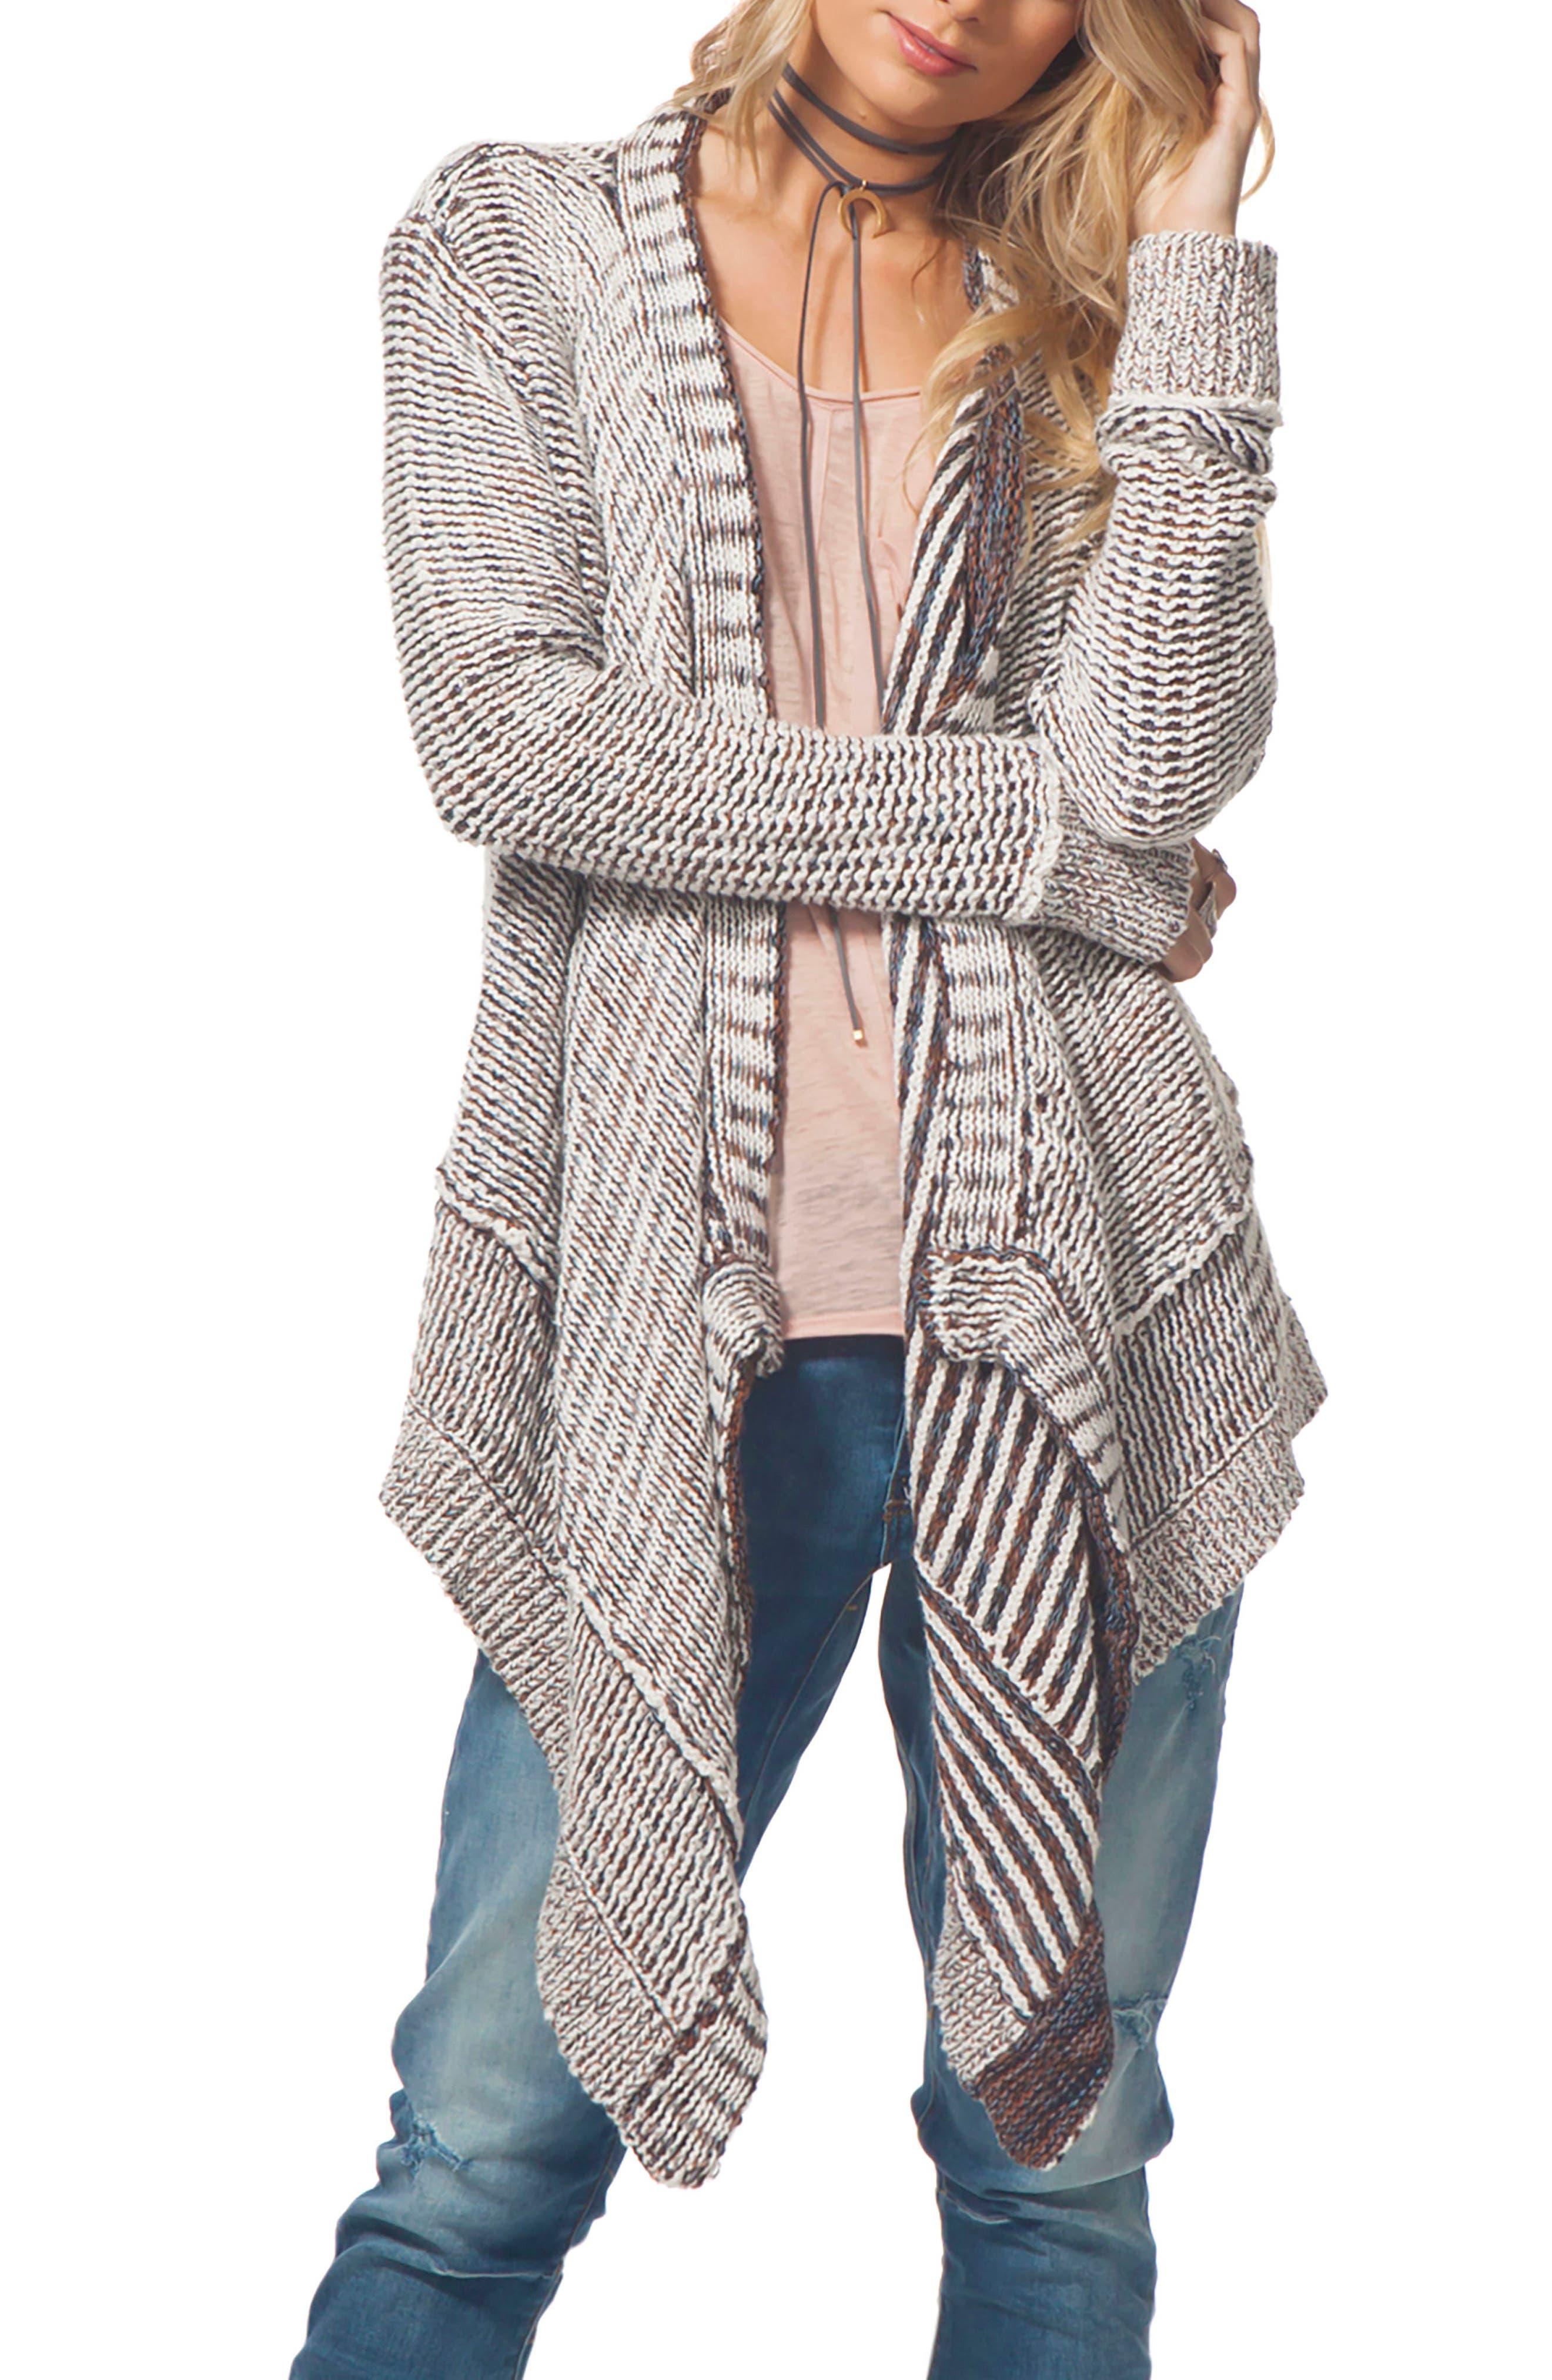 Valencia Cotton Cardigan,                         Main,                         color, Vanilla